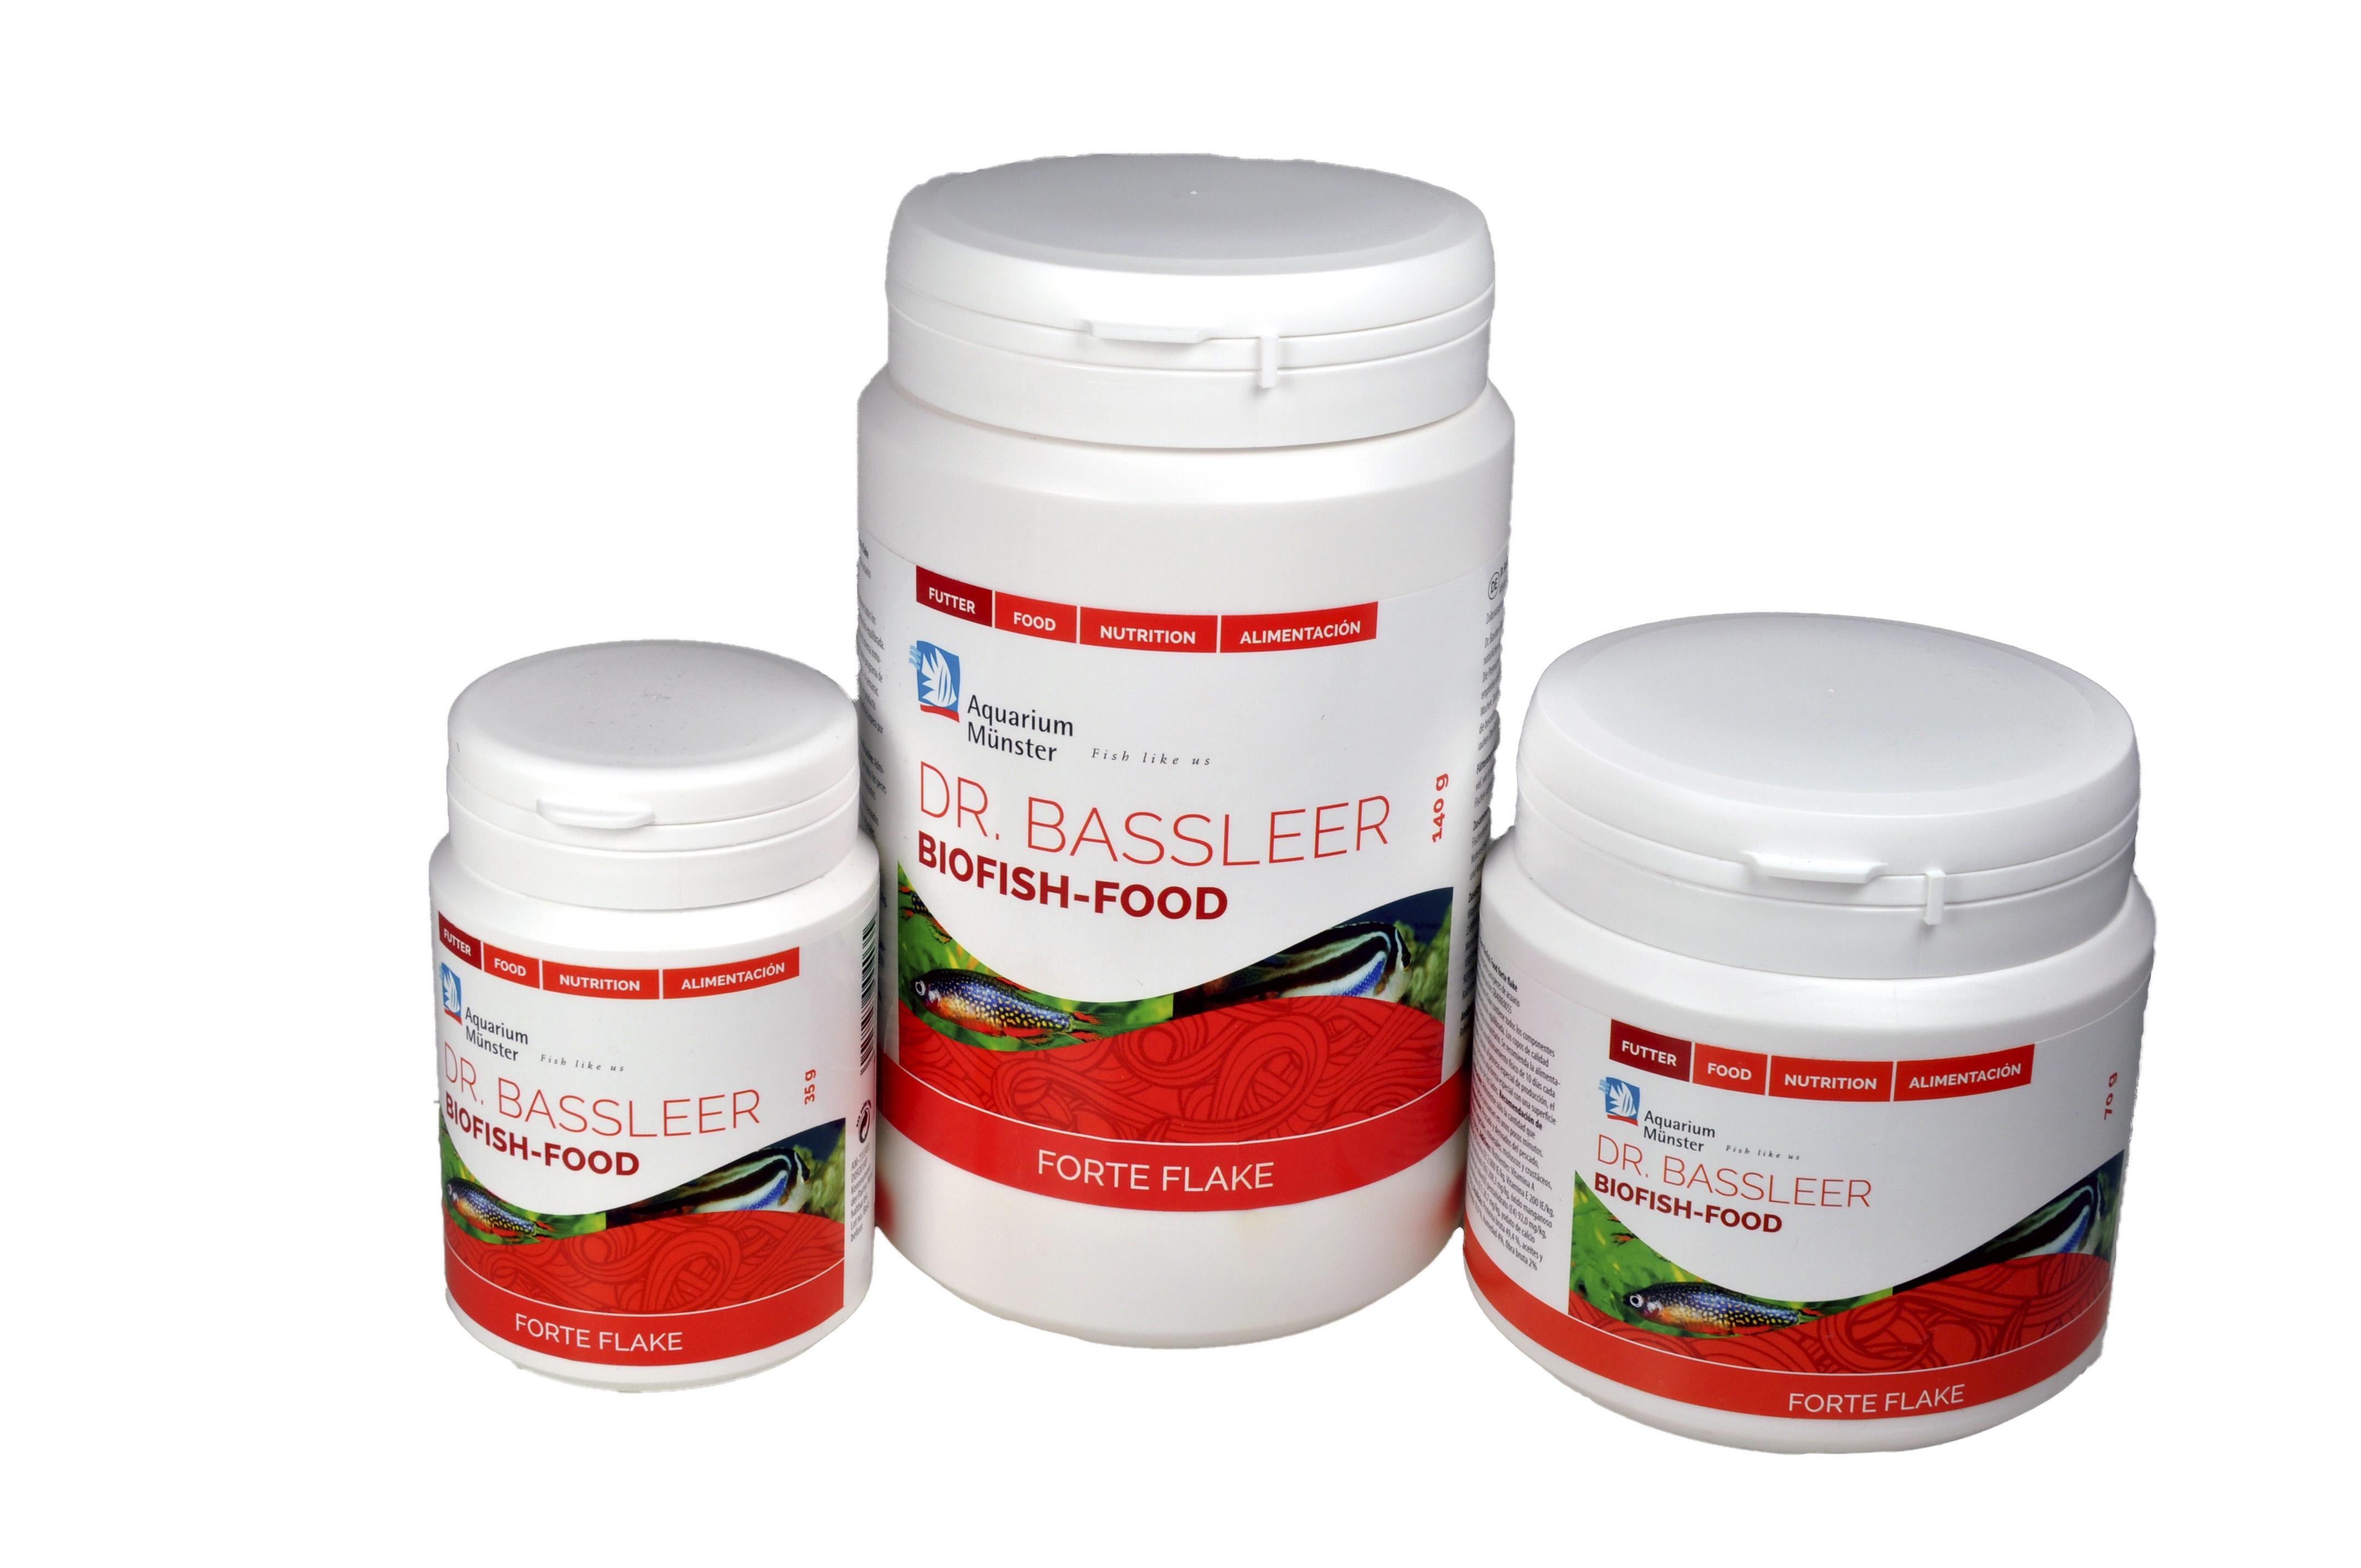 Bassleer Biofish Food Forte Flakes Packing